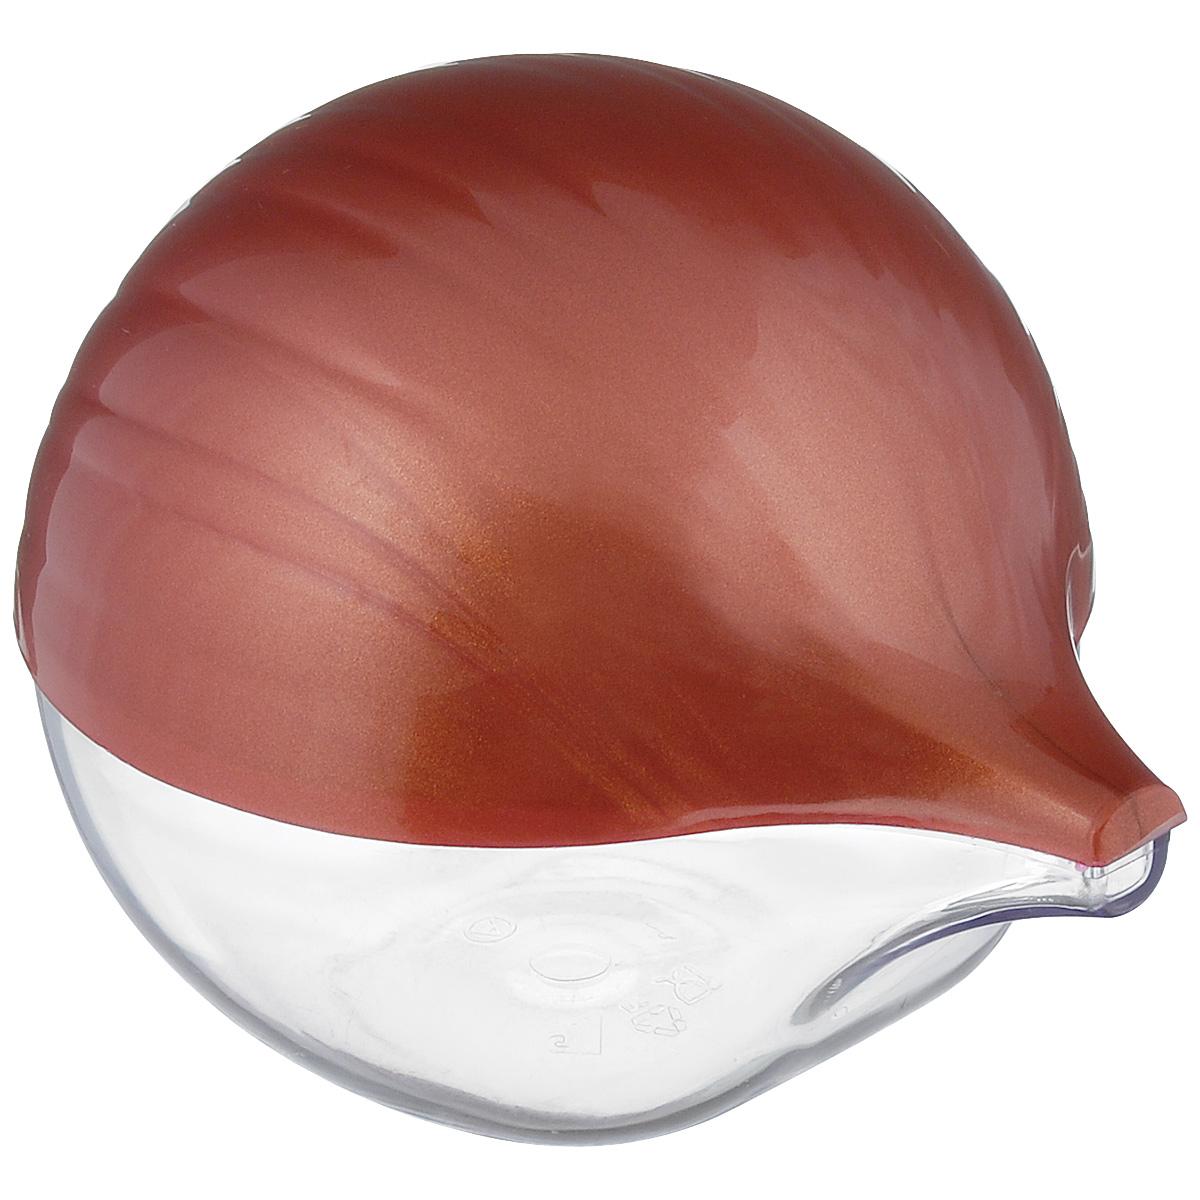 Емкость для лука Альтернатива, цвет: прозрачный, красно-коричневыйVT-1520(SR)Емкость для хранения репчатого лука Альтернатива, изготовленная из пластика с полупрозрачной крышкой, дольше сохранит полезные свойства разрезанного лука, предотвратит распространение запаха и сбережет лук от высыхания. Оригинальный дизайн контейнера, выполненного в виде луковицы, украсит ваш кухонный стол.